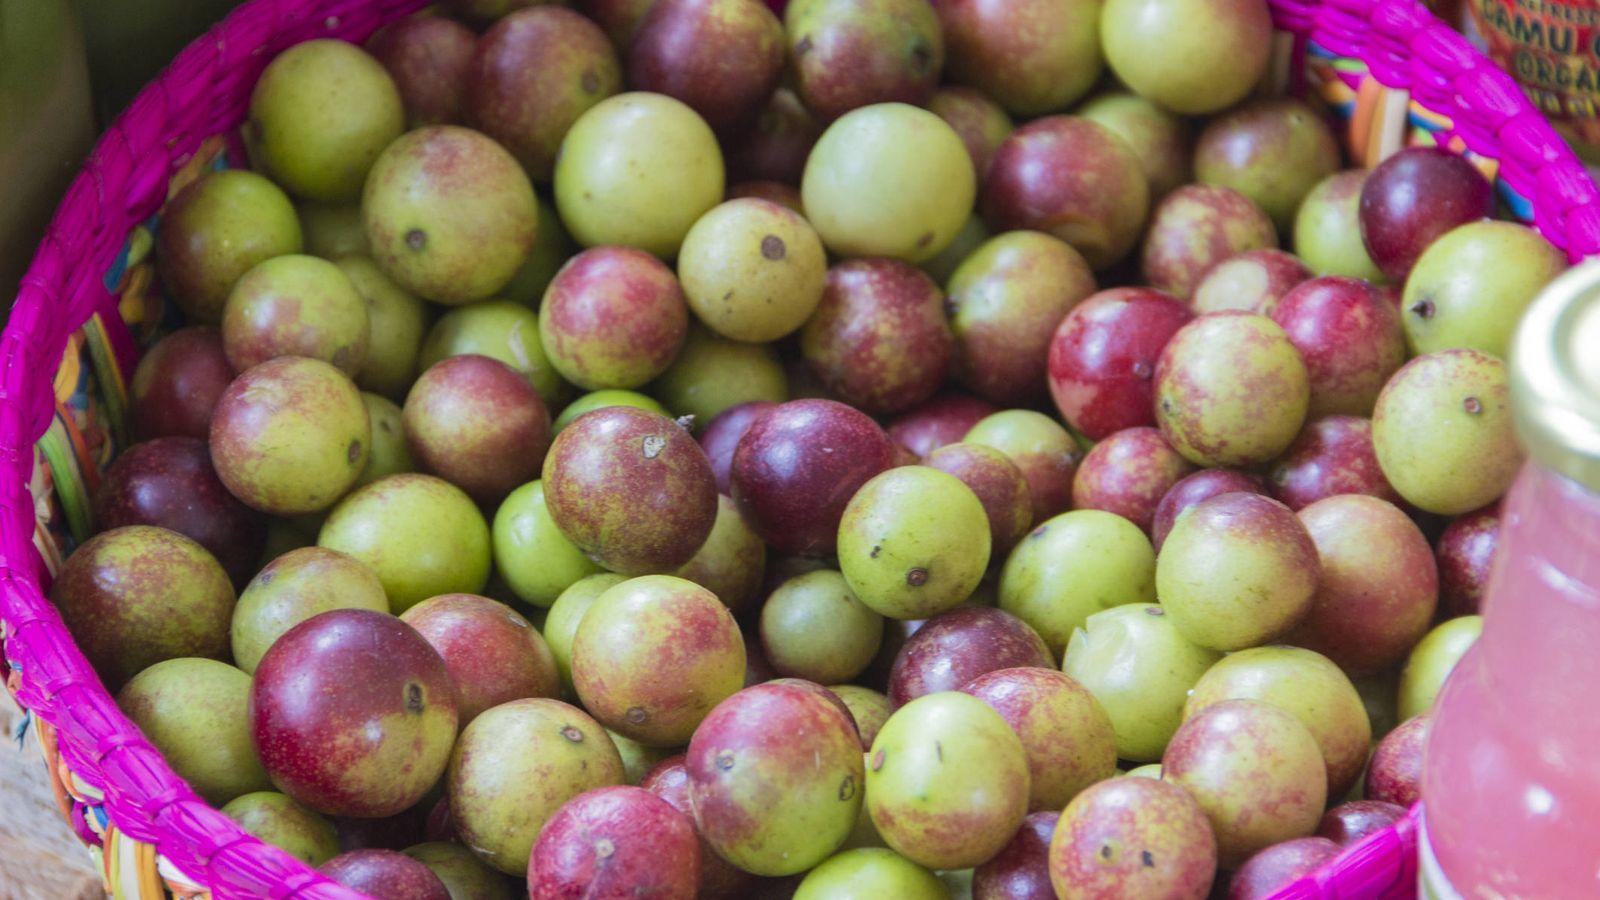 Fruta: Camu camu, la fruta del Amazonas que ayuda a adelgazar